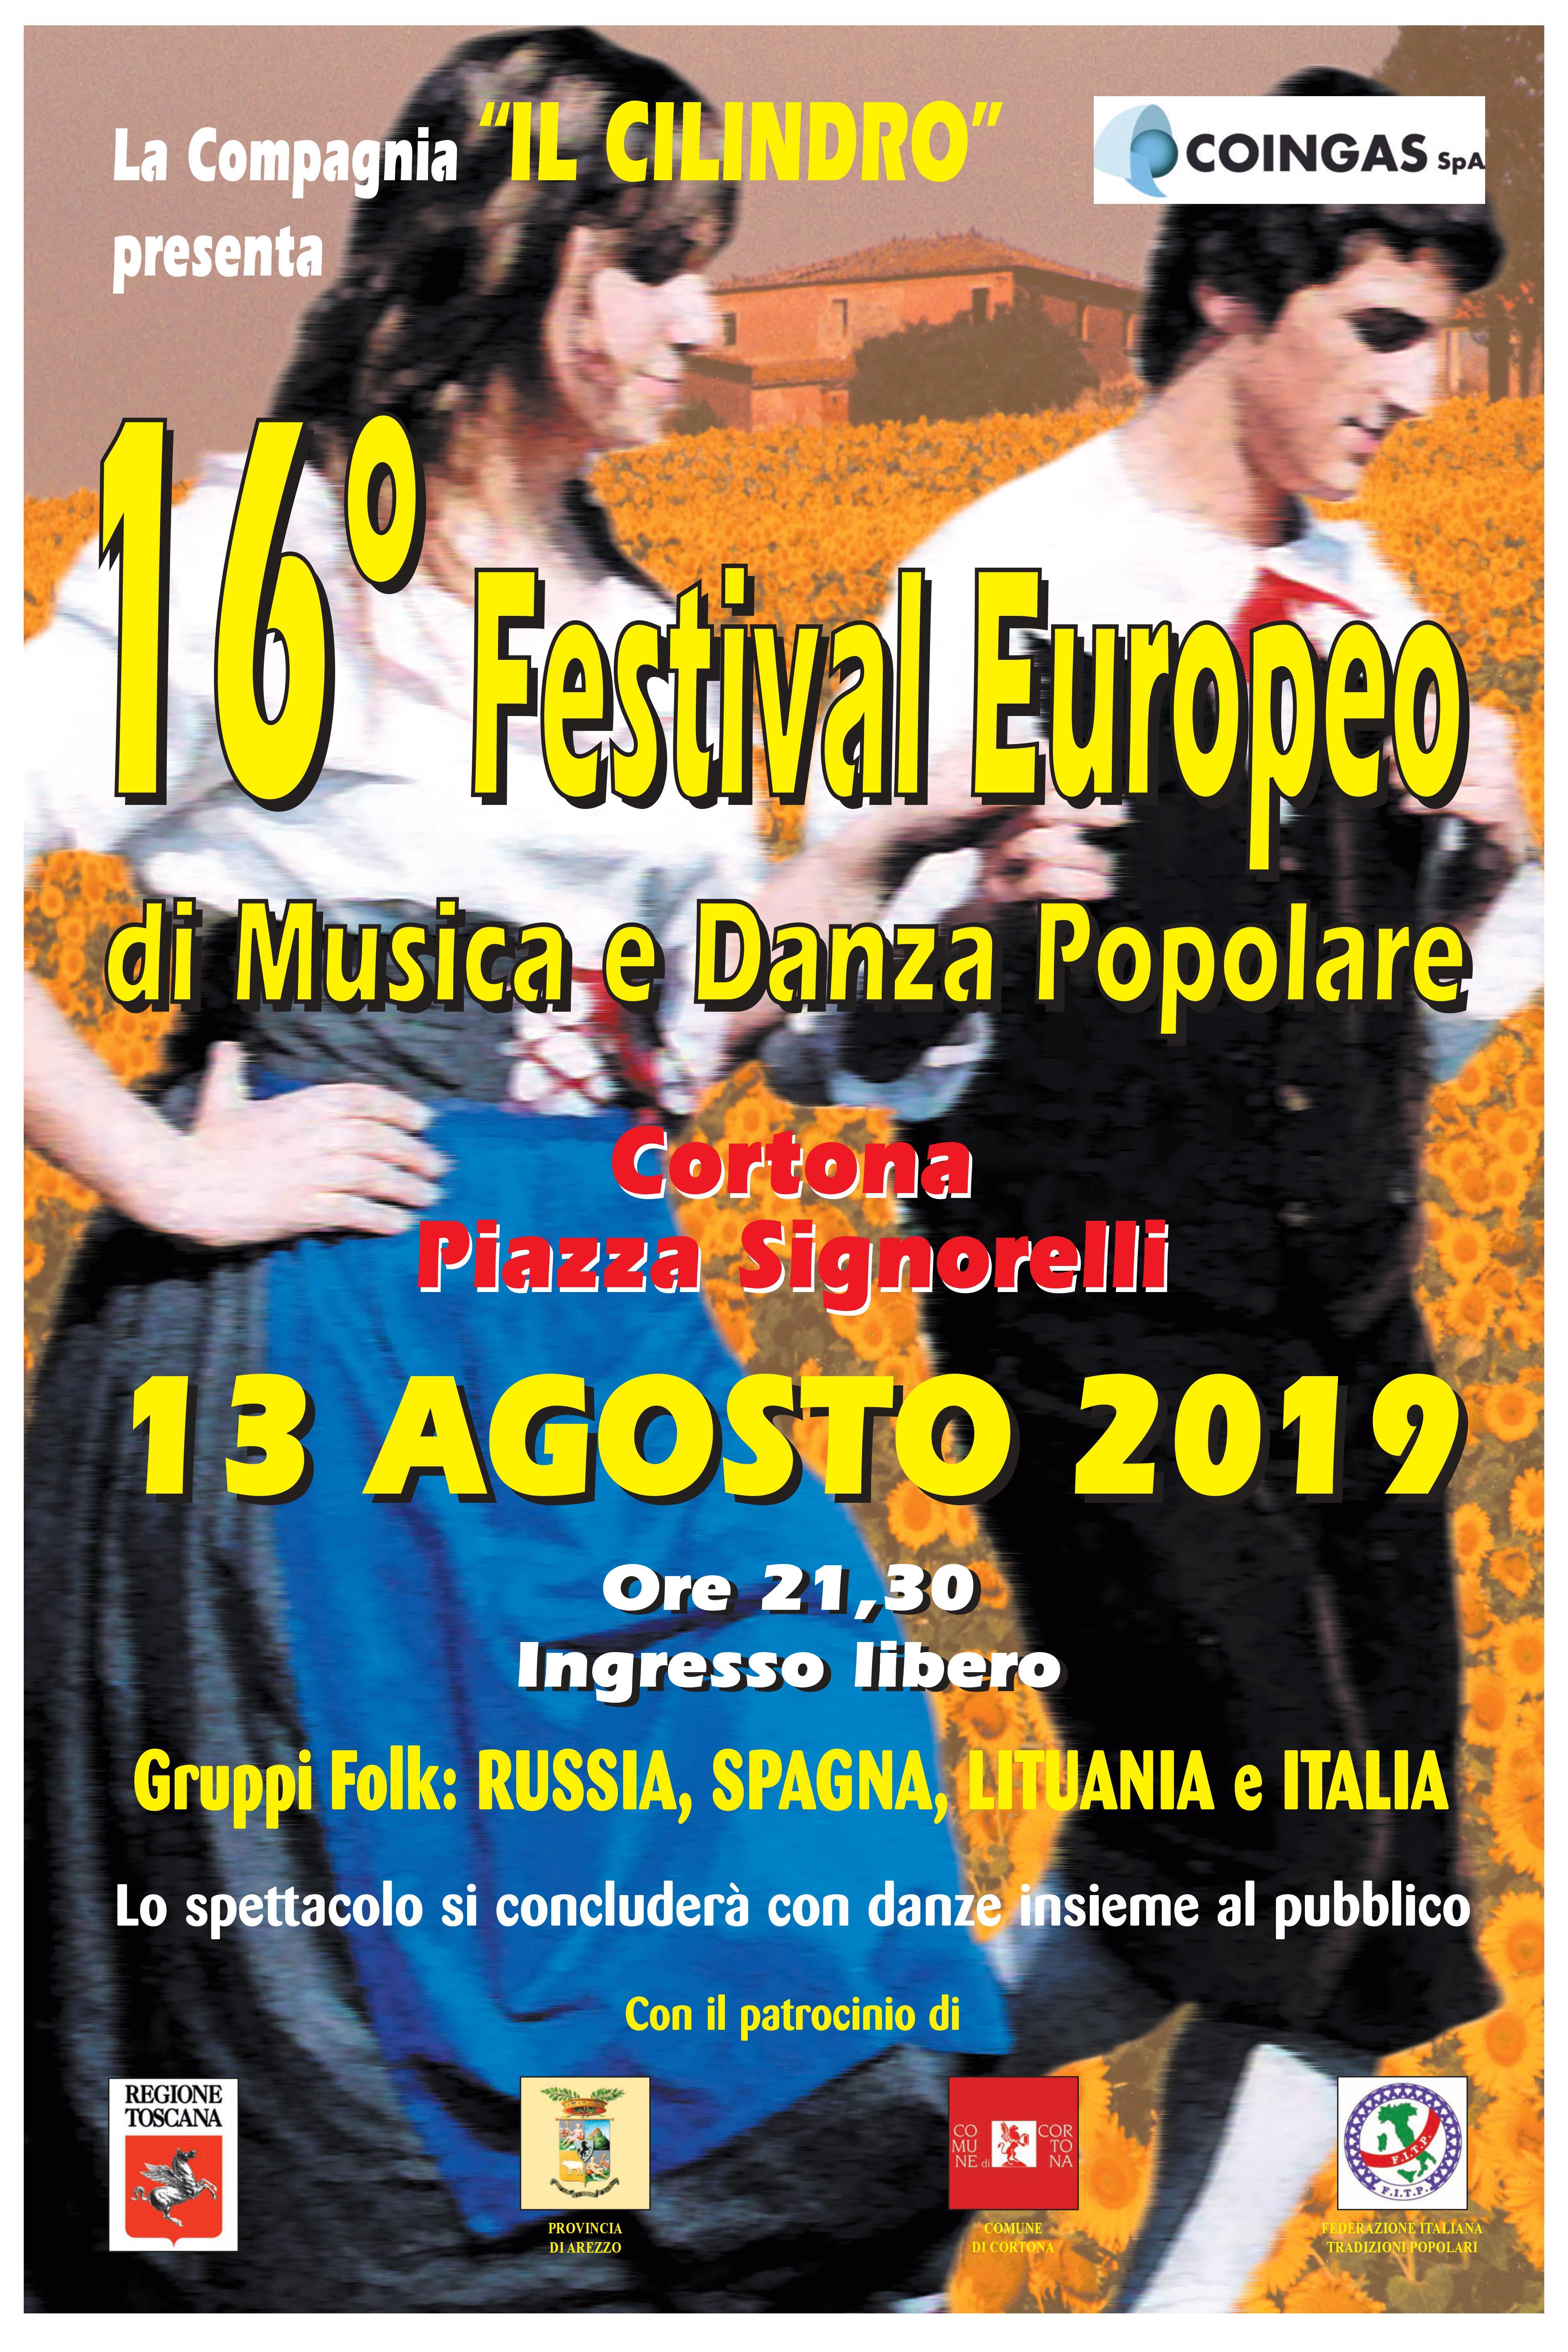 Festival Europeo di Musica e Danza Popolare a Cortona